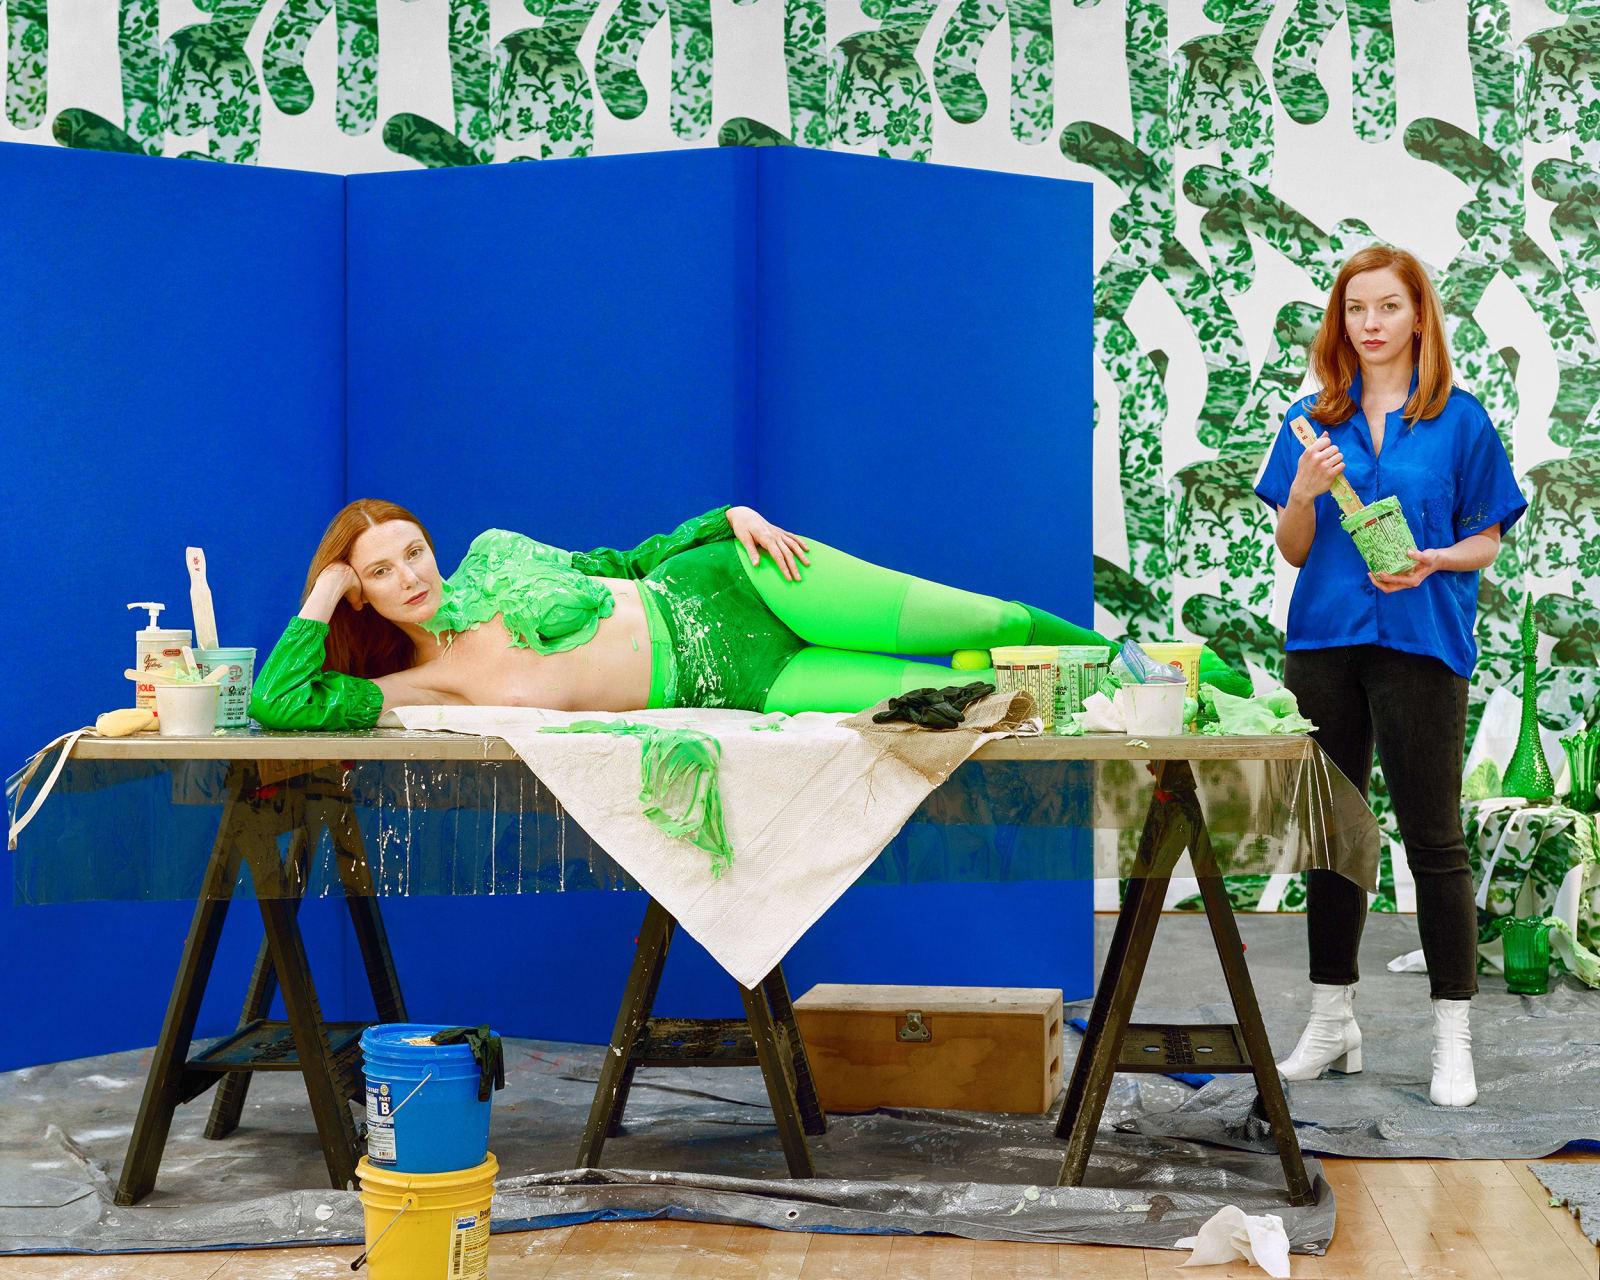 Ilona Szwarc, Hormones are hormones, and art is art, 2020